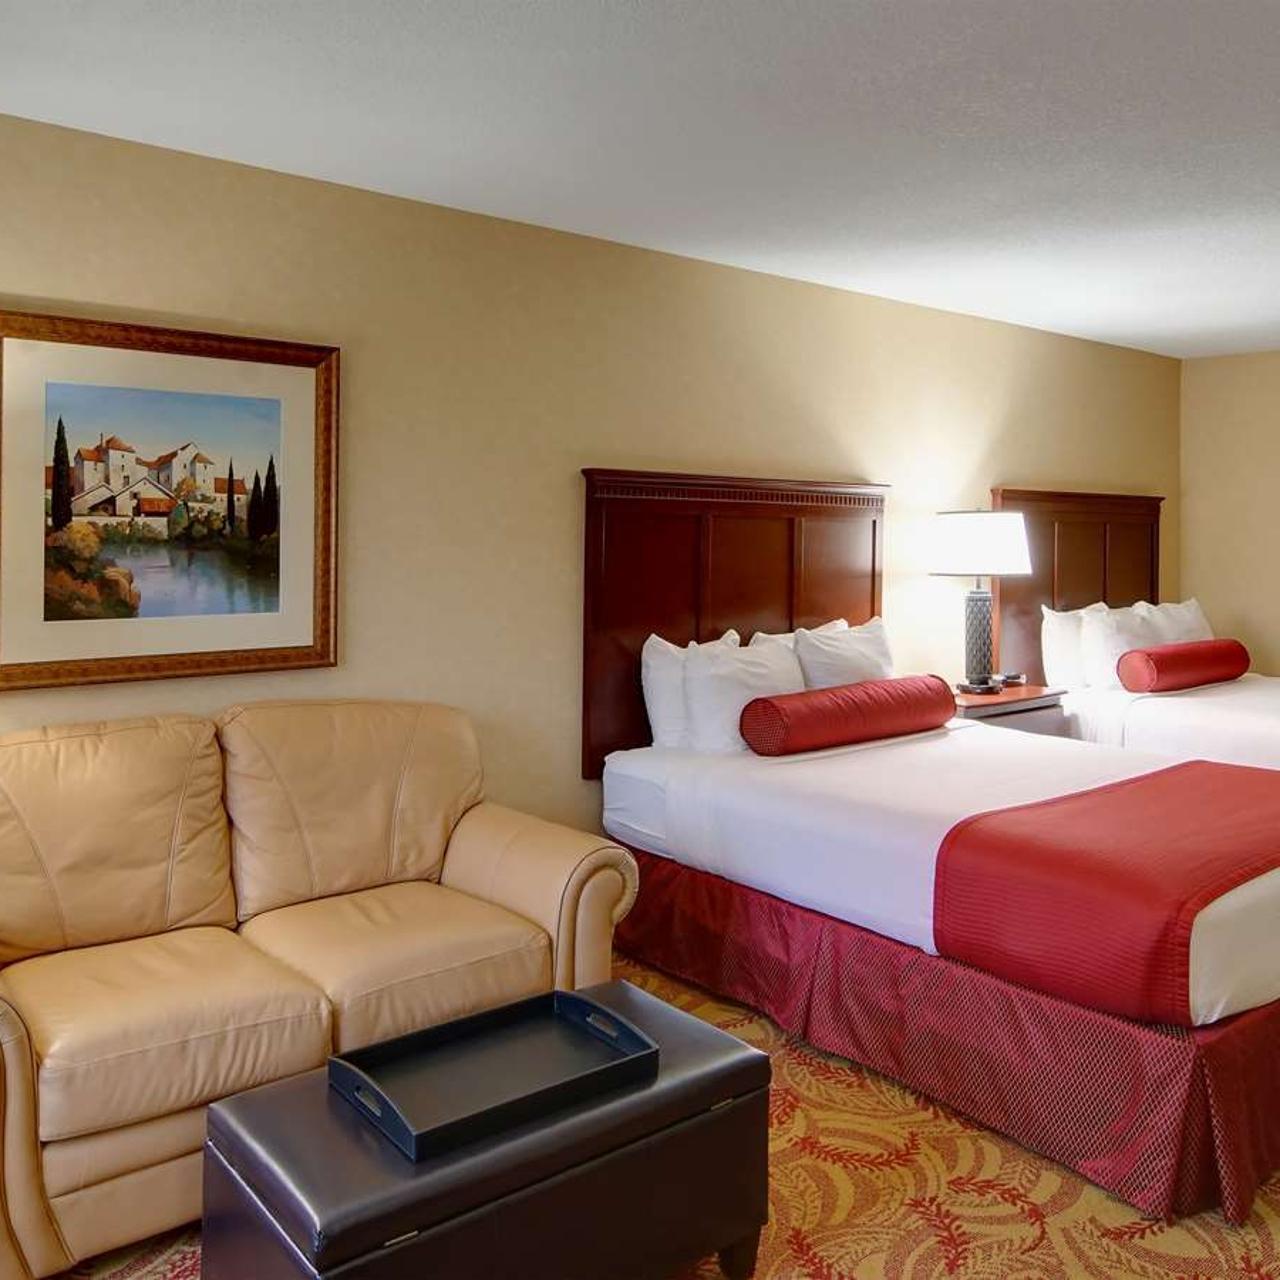 The Grand Hotel In Salem Usa Bei Hrs Mit Gratis Leistungen